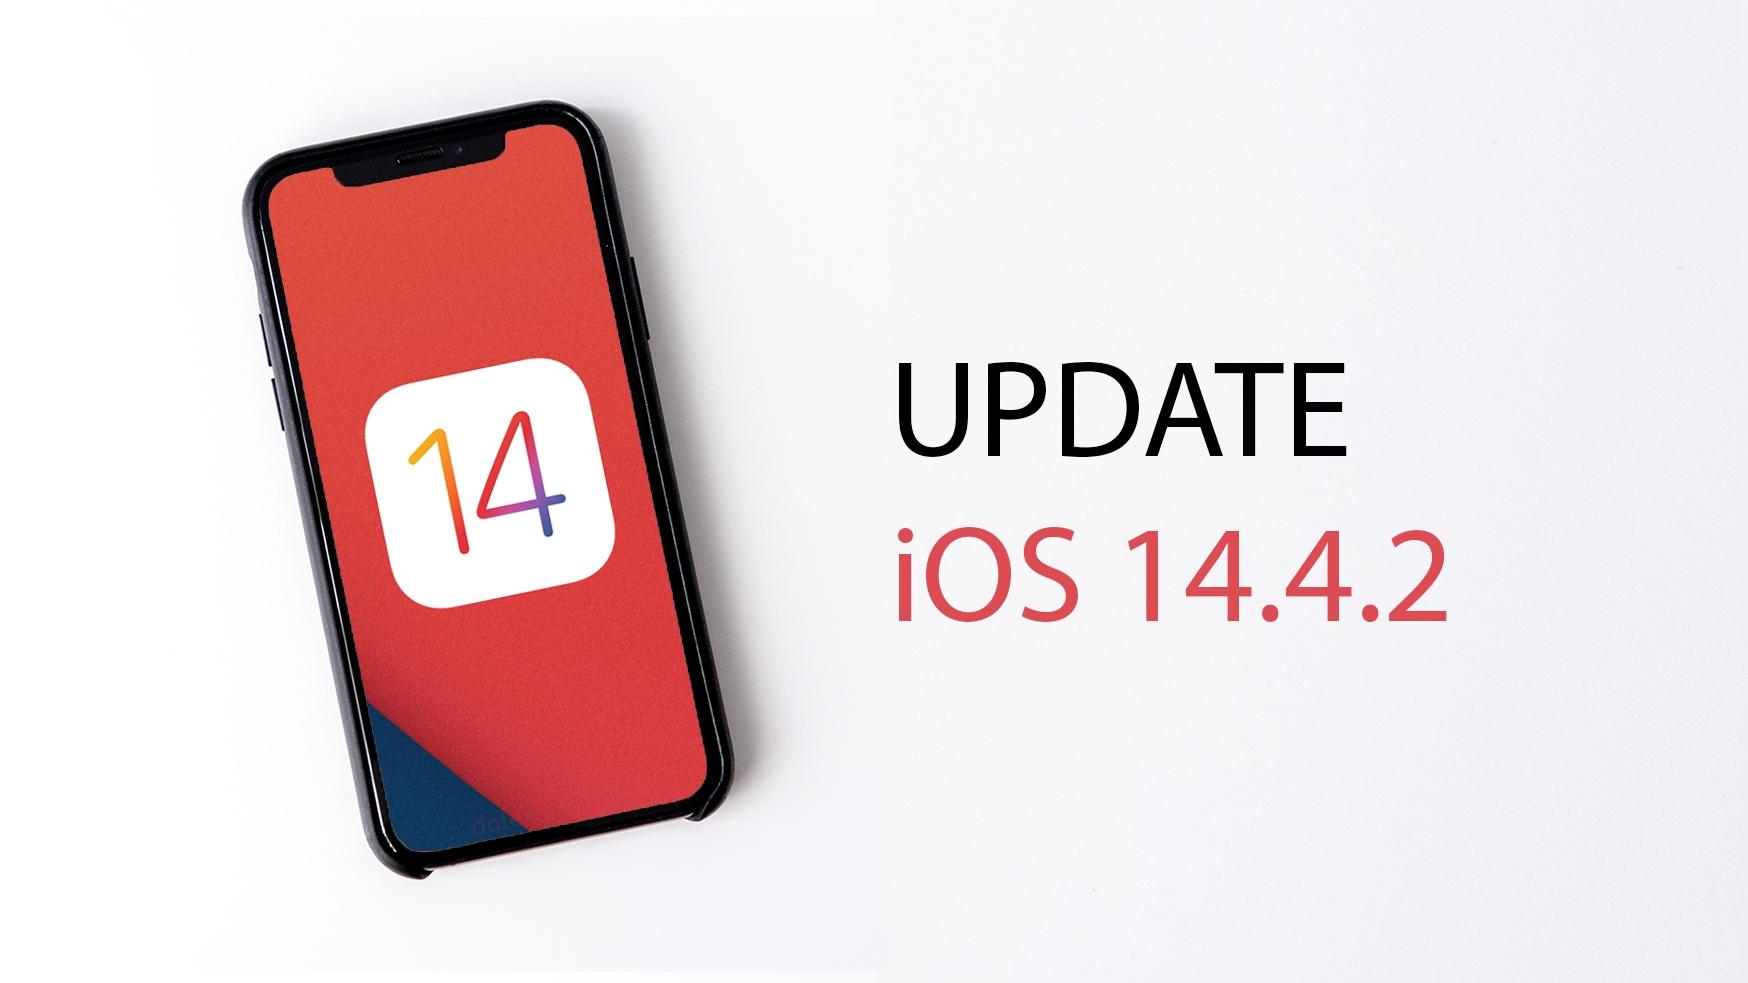 Apple vydal iOS 14.4.2 a 12.5.2, opravuje kritickou bezpečnostní chybu